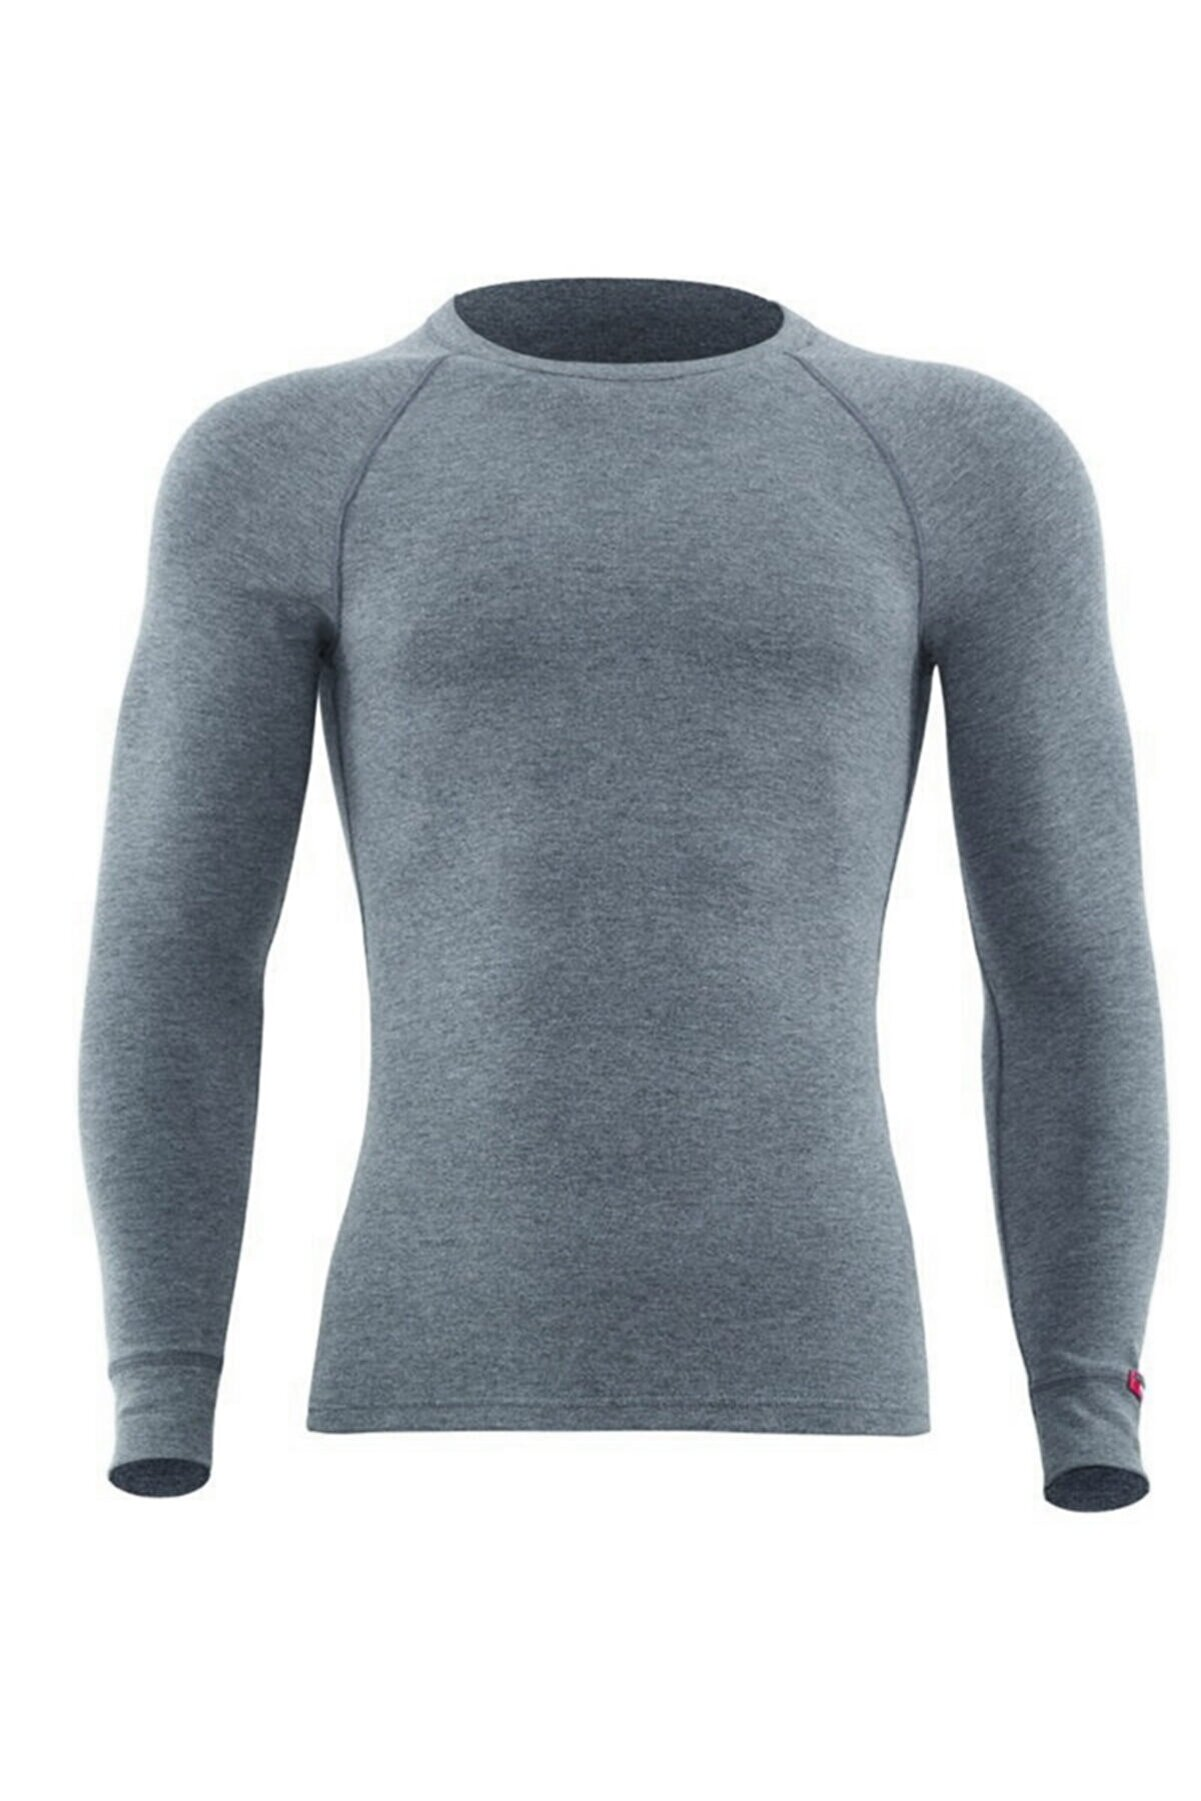 Blackspade Erkek Termal Tişört 2. Seviye 9259 - Gri Melanj